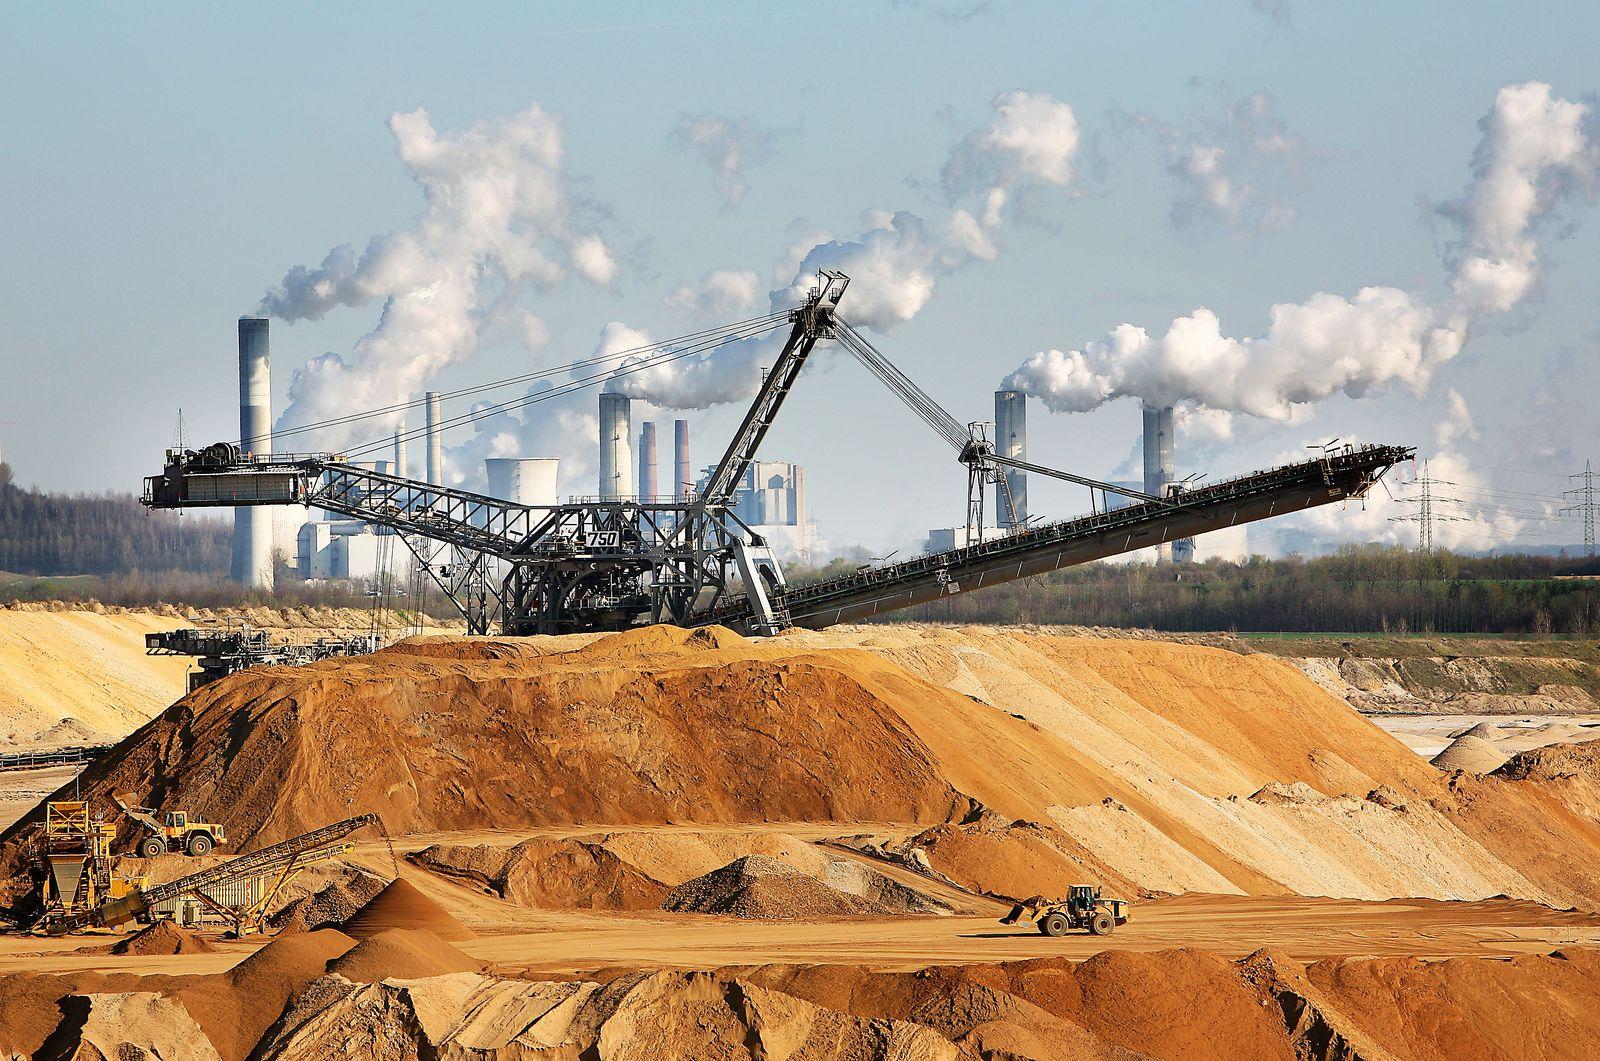 Braunkohlekraftwerke / rauchende schlote /Kohle-Kraftwerk / Braunkohle